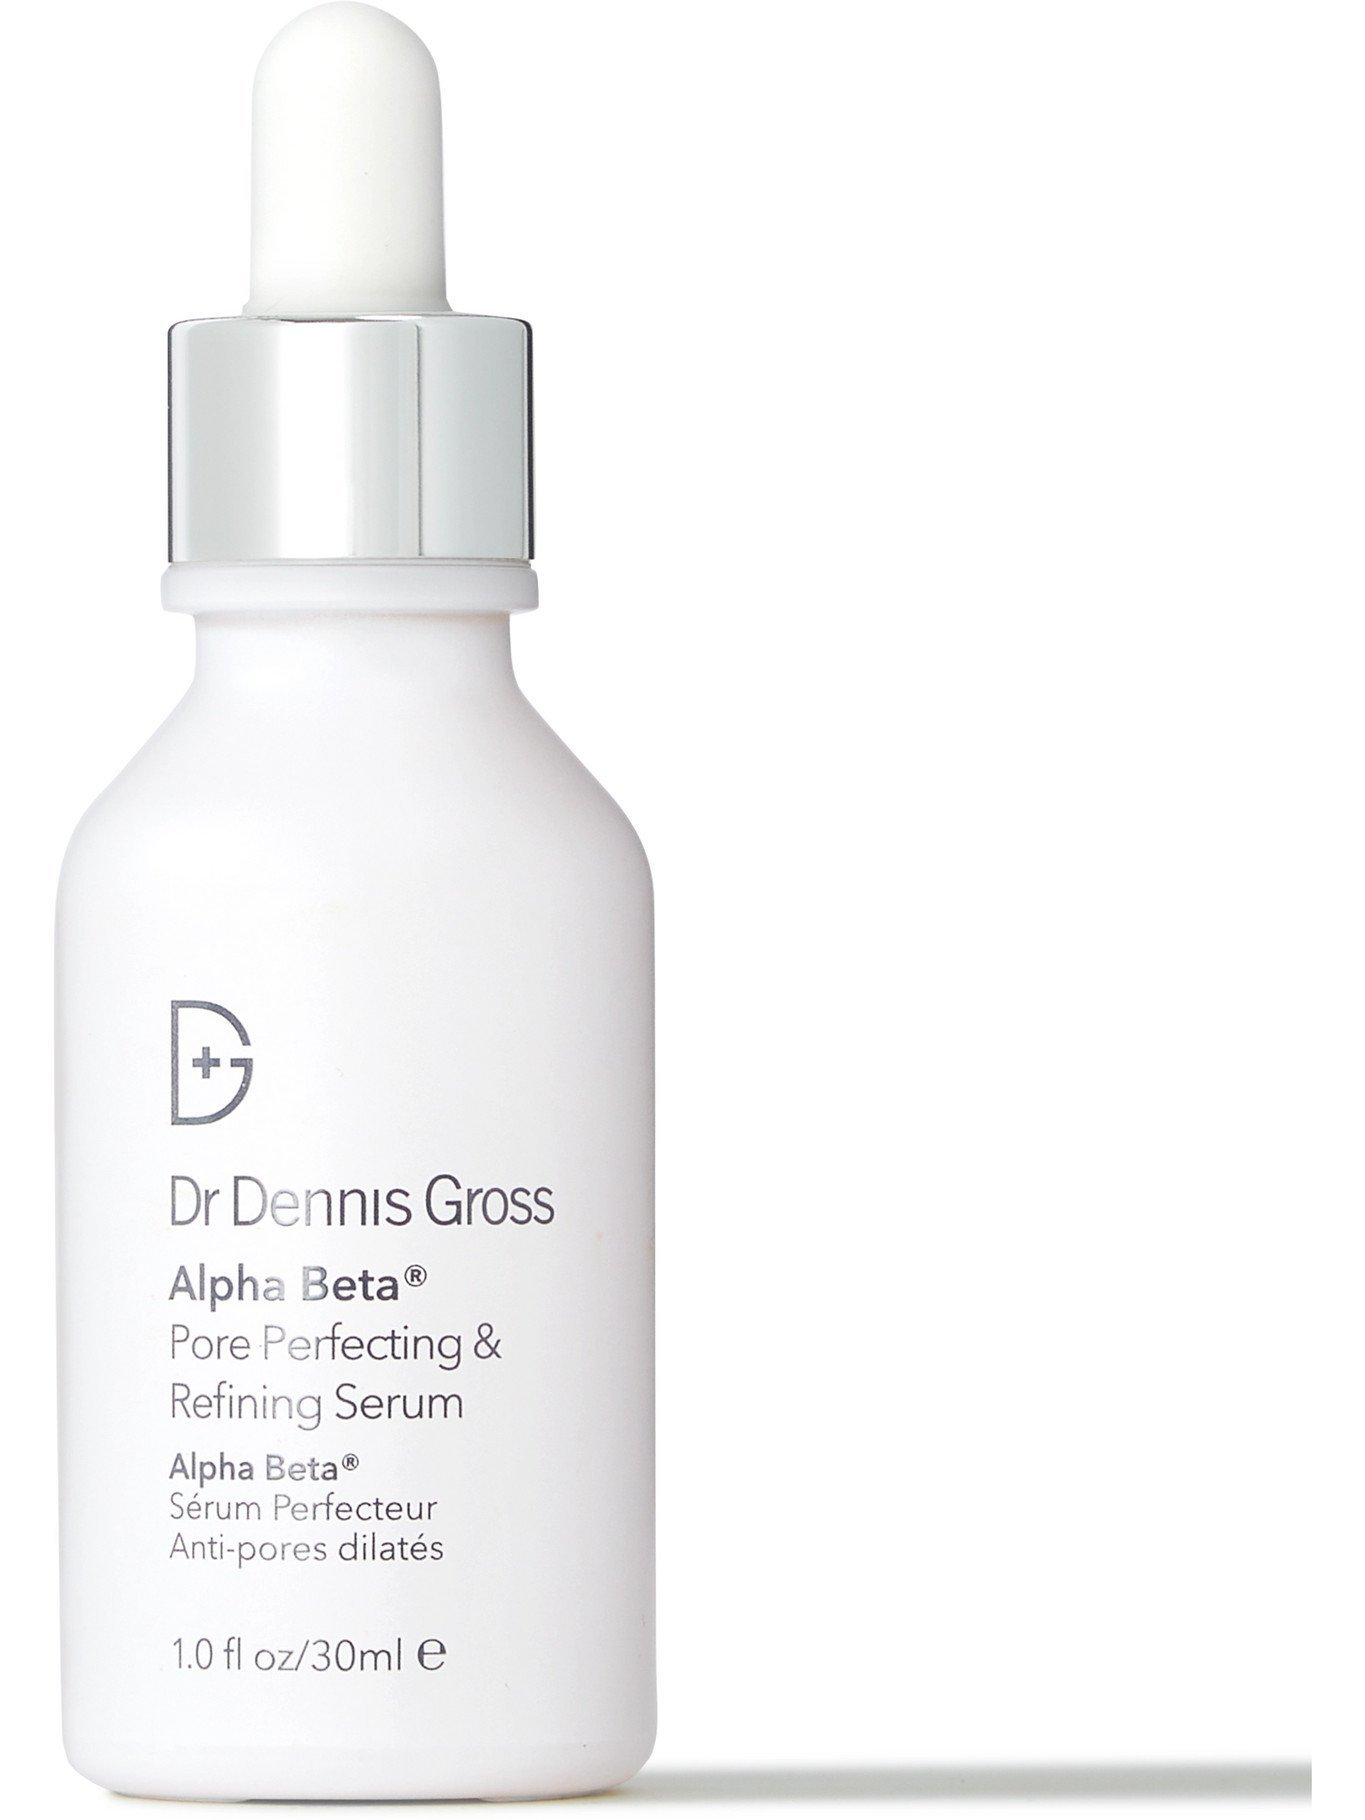 Photo: DR. DENNIS GROSS SKINCARE - Alpha Beta Pore Perfecting & Refining Serum, 30ml